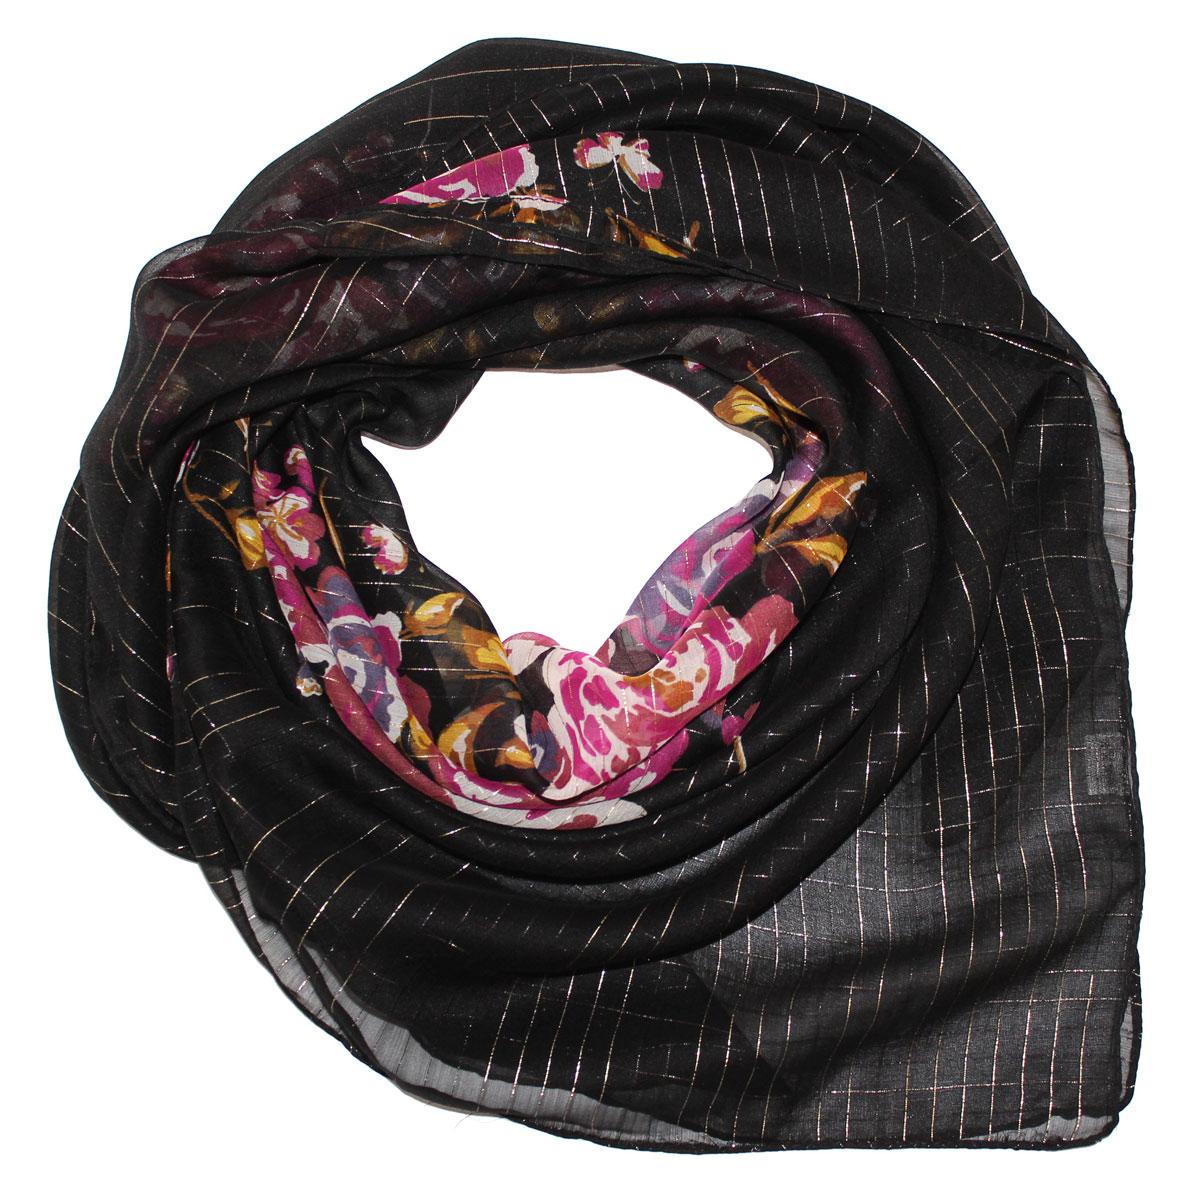 Платок524040нПлаток Ethnica, выполненный из вискозы, гармонично дополнит образ современной женщины. Благодаря своему составу, он легкий, мягкий и приятный на ощупь. Модель оформлена цветочным принтом, декорирована блестящей металлизированной нитью по всей поверхности. Классическая квадратная форма позволяет носить платок на шее, украшать им прическу или декорировать сумочку. С таким платком вы всегда будете выглядеть женственно и привлекательно.